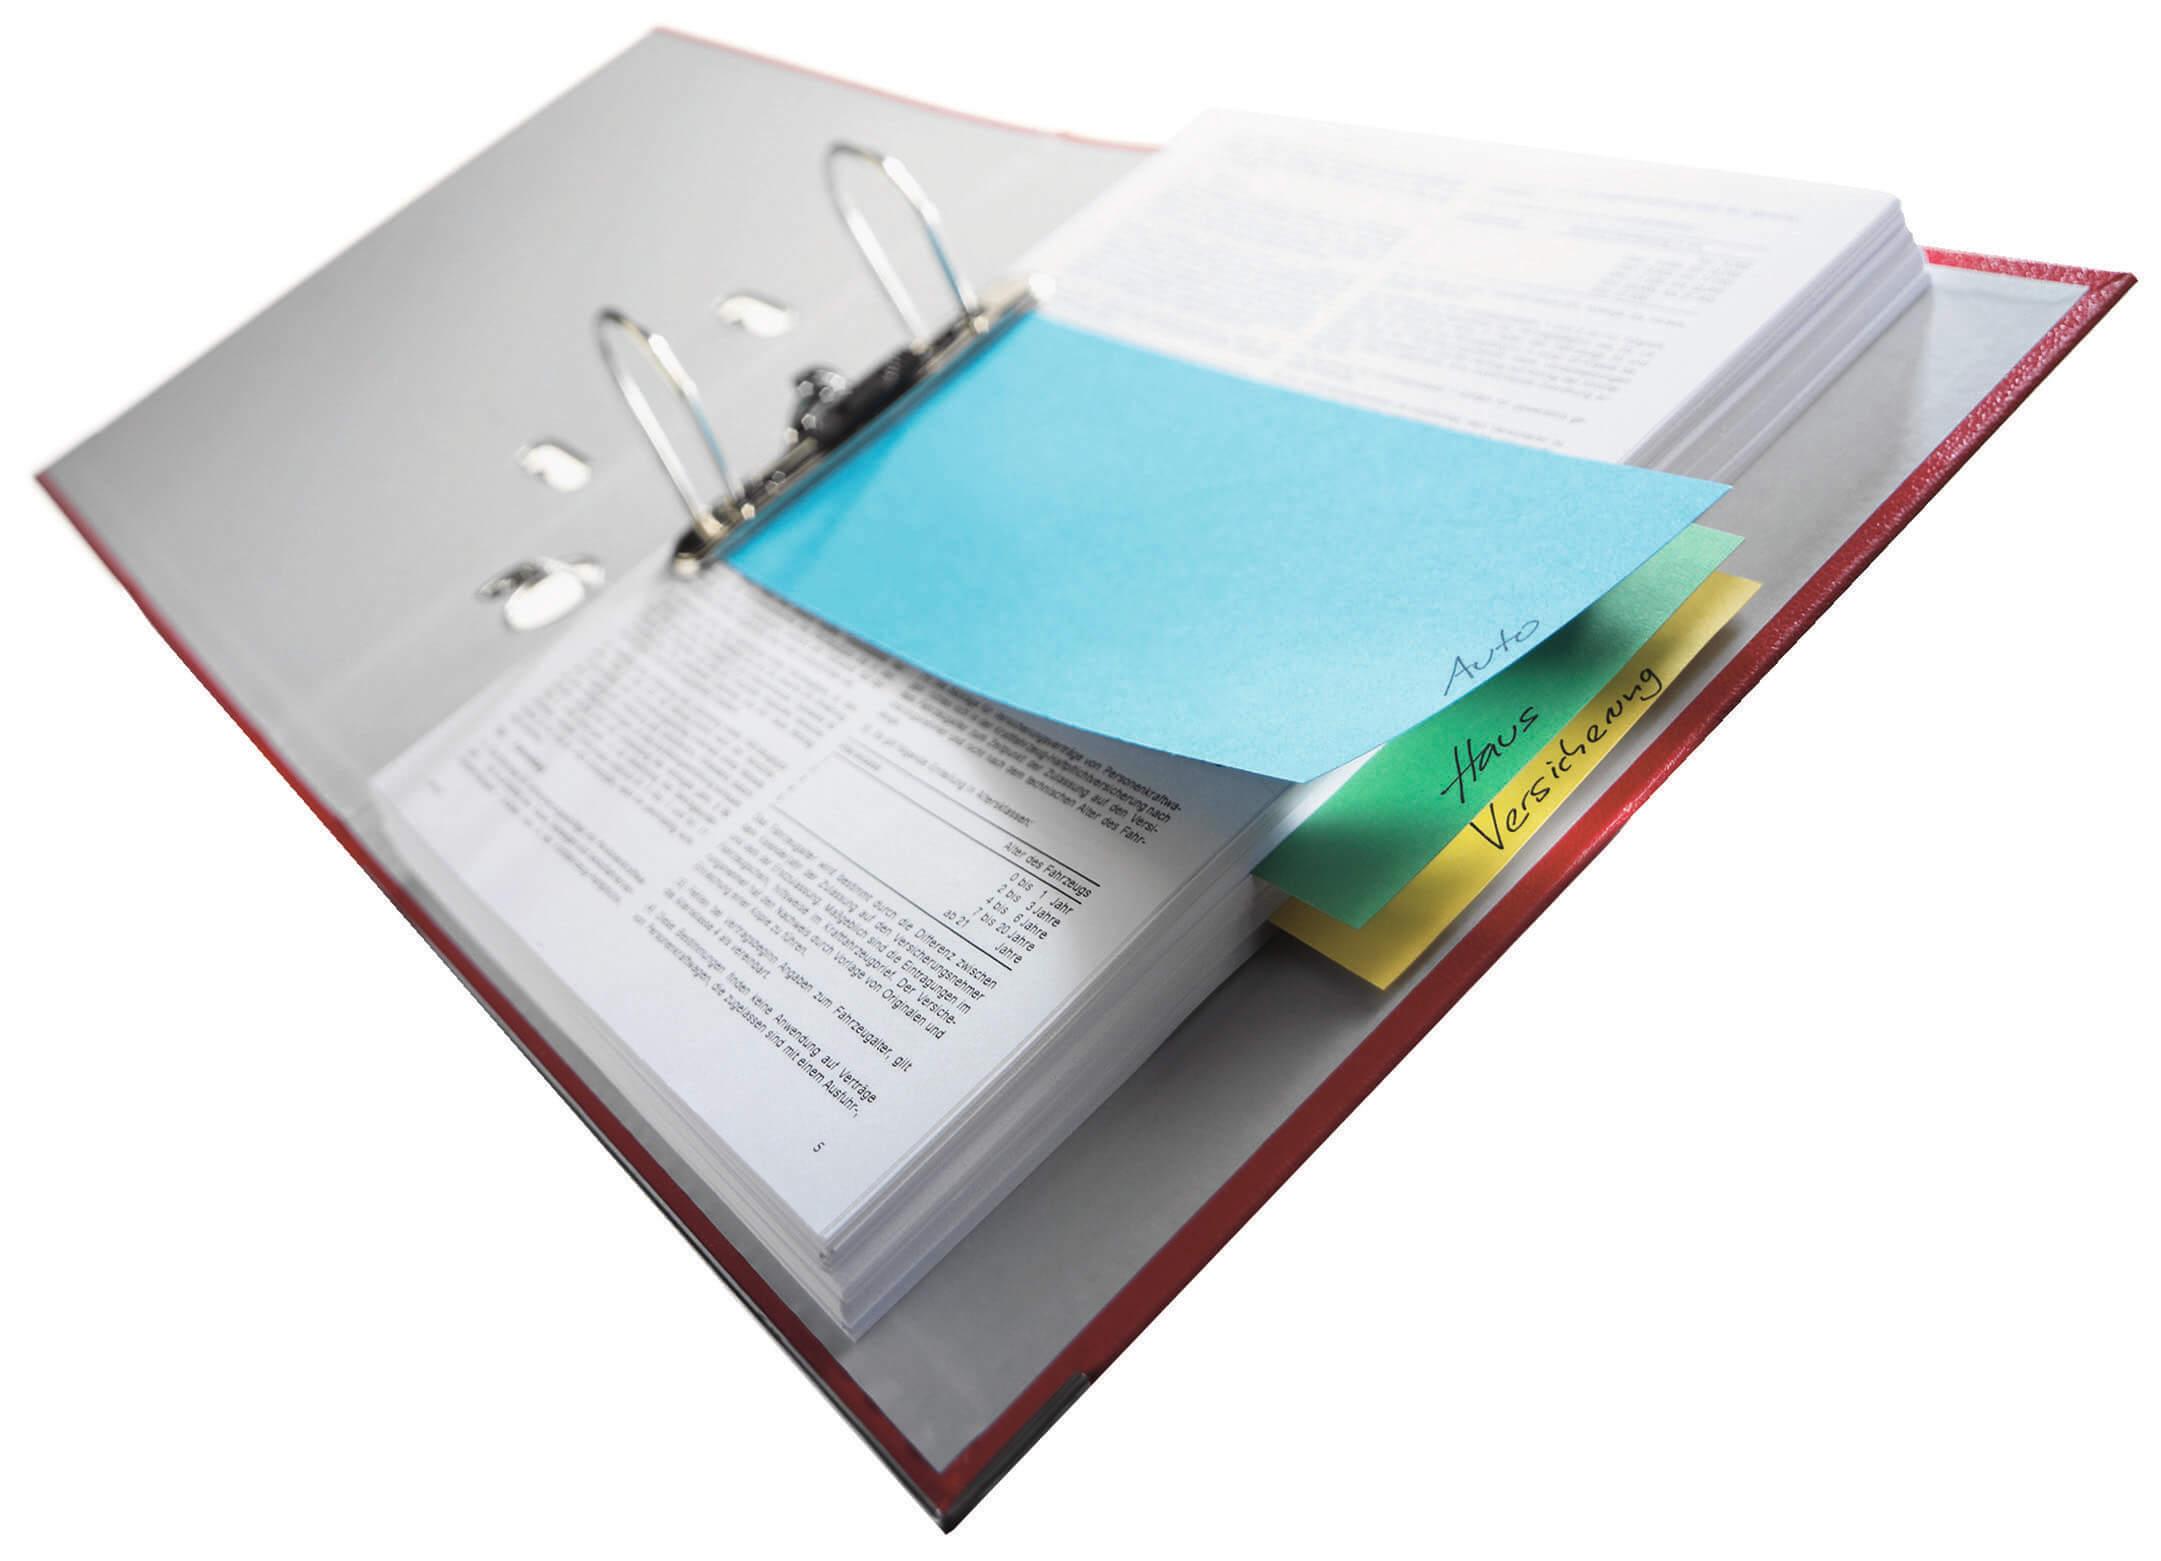 Ein Buntes Papier zur Darstellung von Unterteilungen in einem Aktenordner